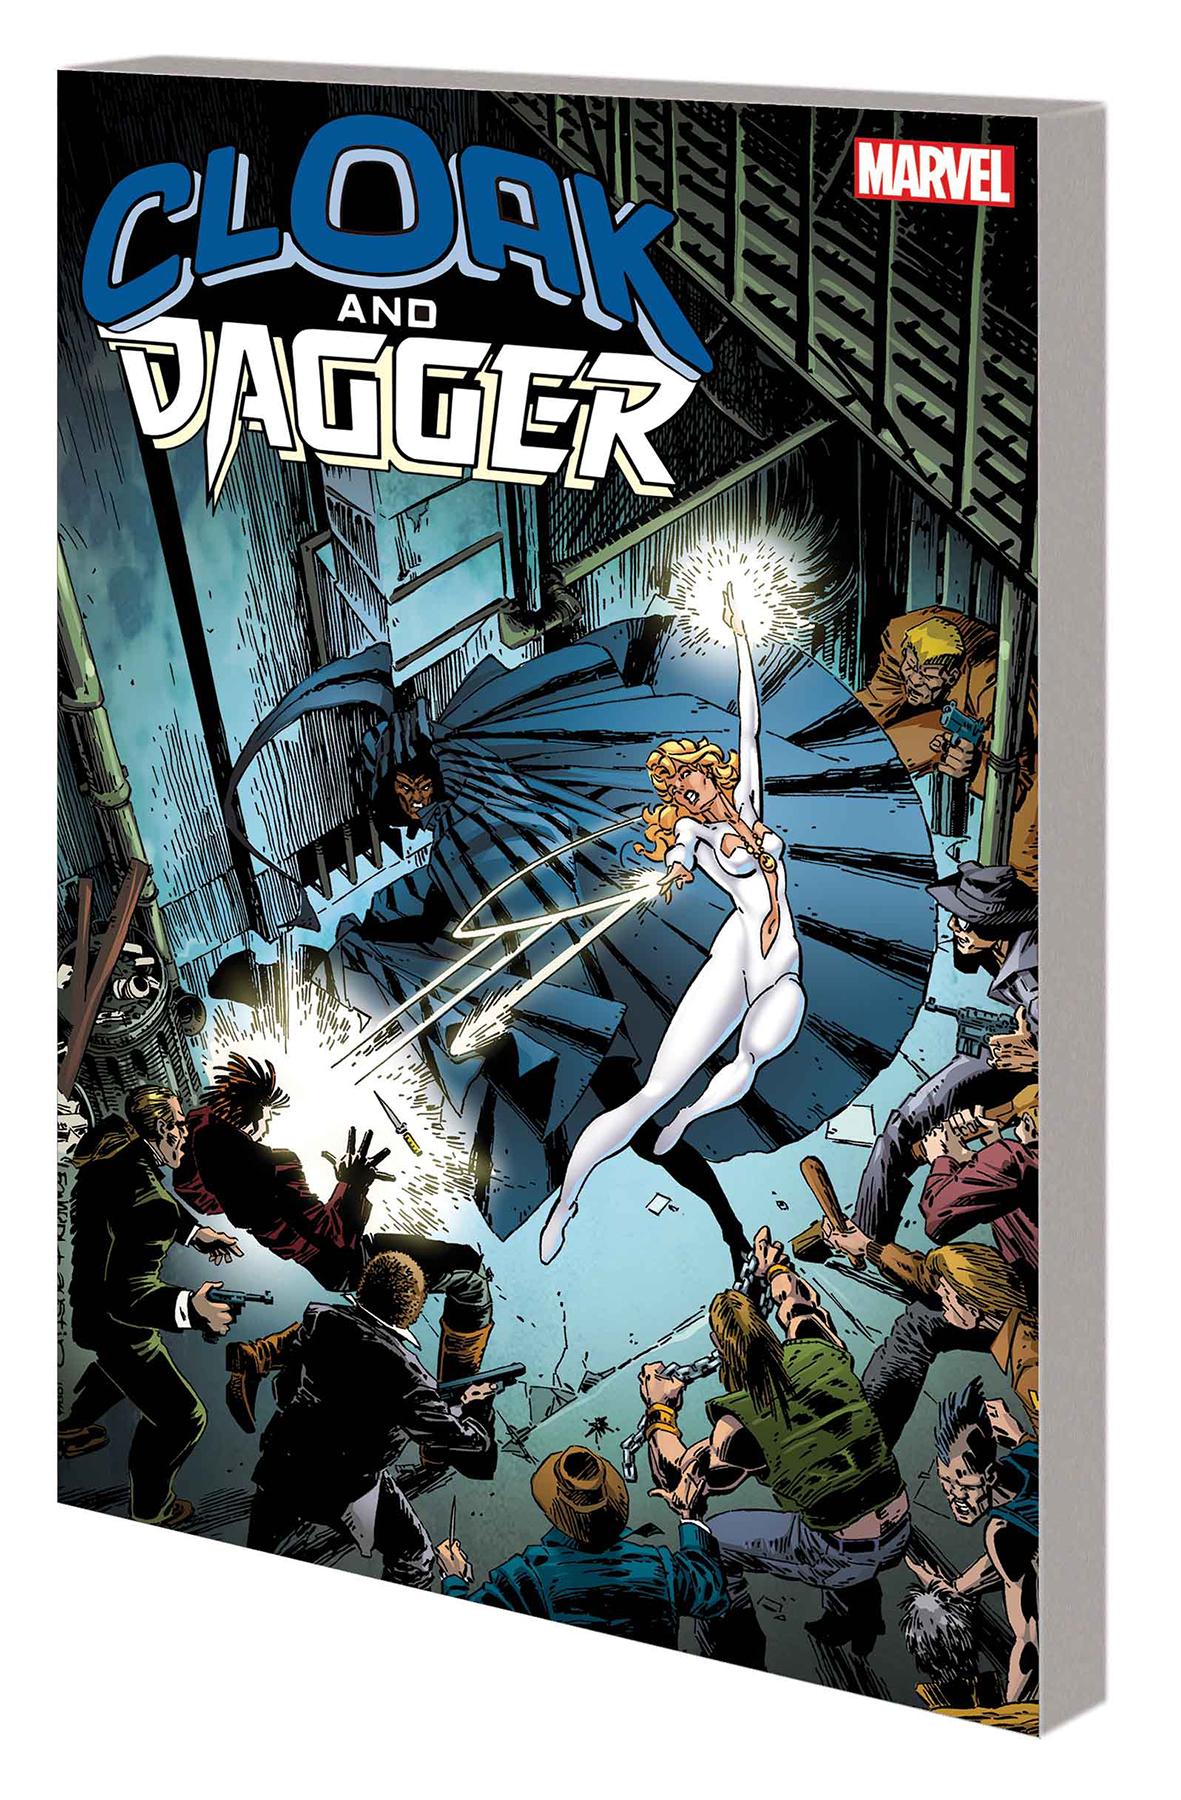 CLOAK Y DAGGER: PERDIDO Y ENCONTRADO TPB Vigilantes urbanos Capa y Daga atacar a los traficantes de drogas y la corrupción de la policía!  Pero cuando Cloak abraza su oscuridad, y visita el terror en los siervos del pecado, Dagger anhela la luz.  ¿Pueden estos jóvenes héroes encontrar su camino juntos, o todos se perderán?  El Padre Delgado quiere rescatar a Dagger de la influencia corruptora de Cloak, y Spider-Man puede interponerse entre ellos, ¡pero una tentadora oferta del todopoderoso…